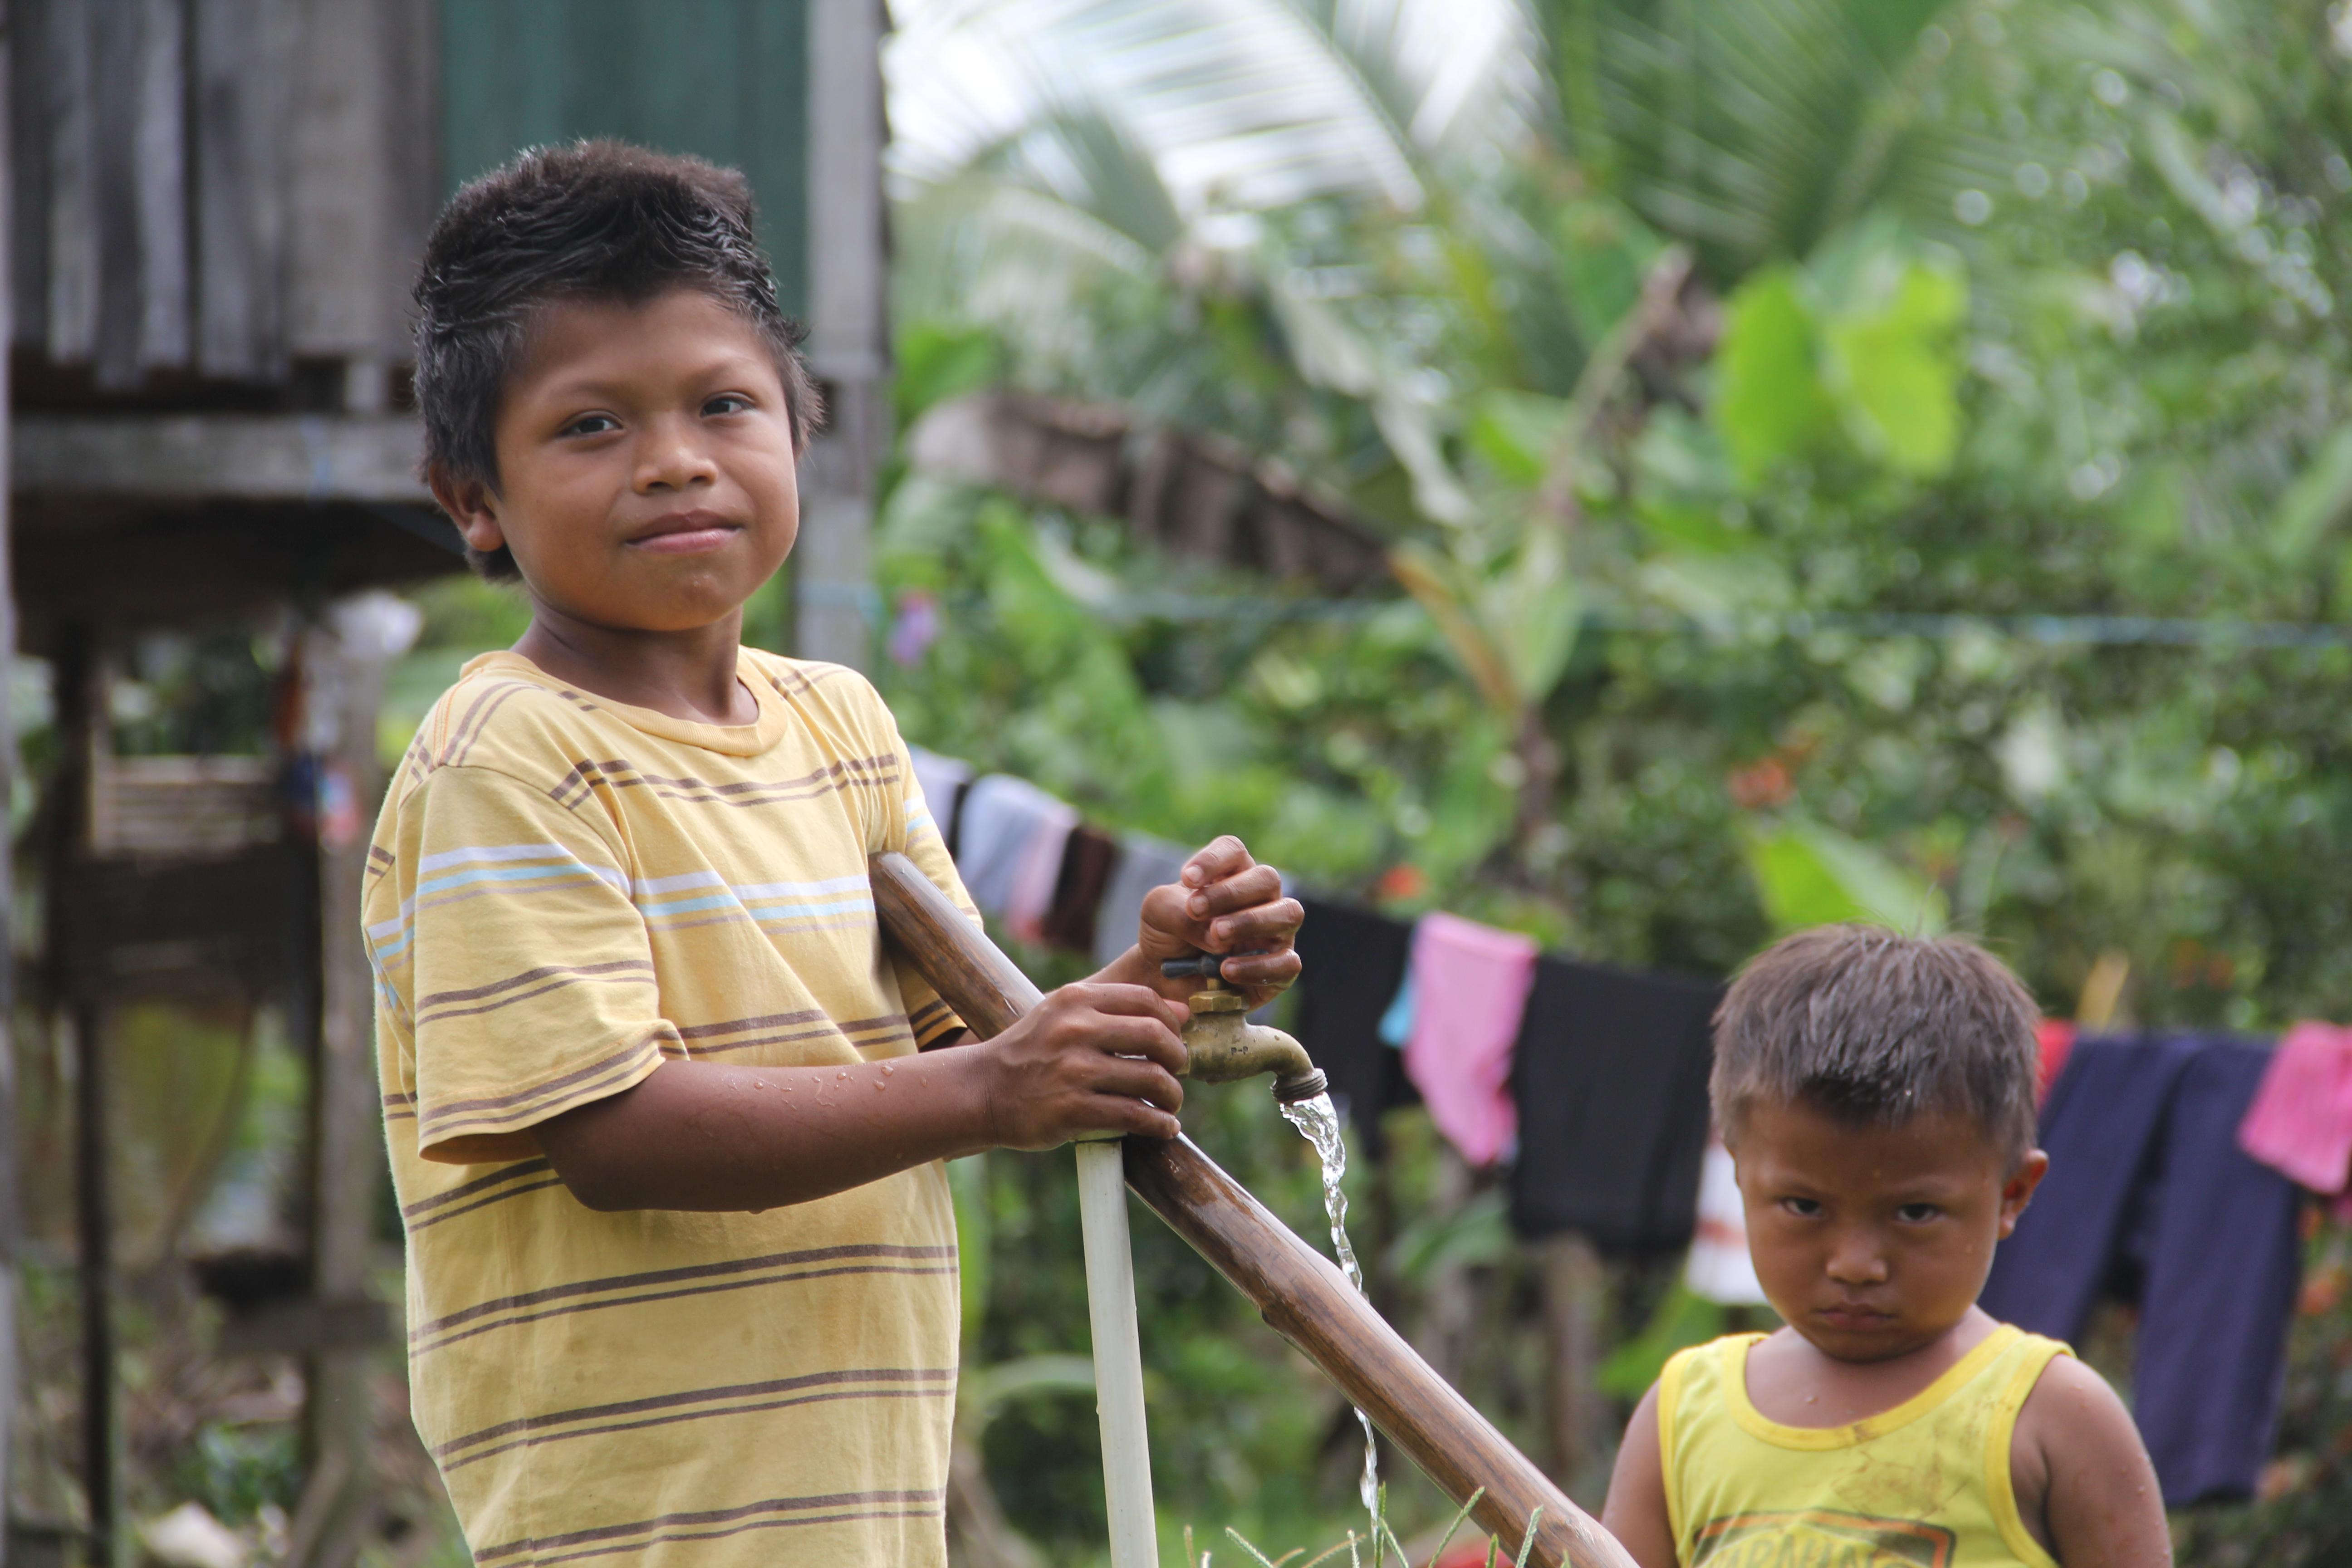 Los recursos hídricos seguros y asequibles para todos resultan cruciales para la erradicación de la pobreza y la protección de la salud